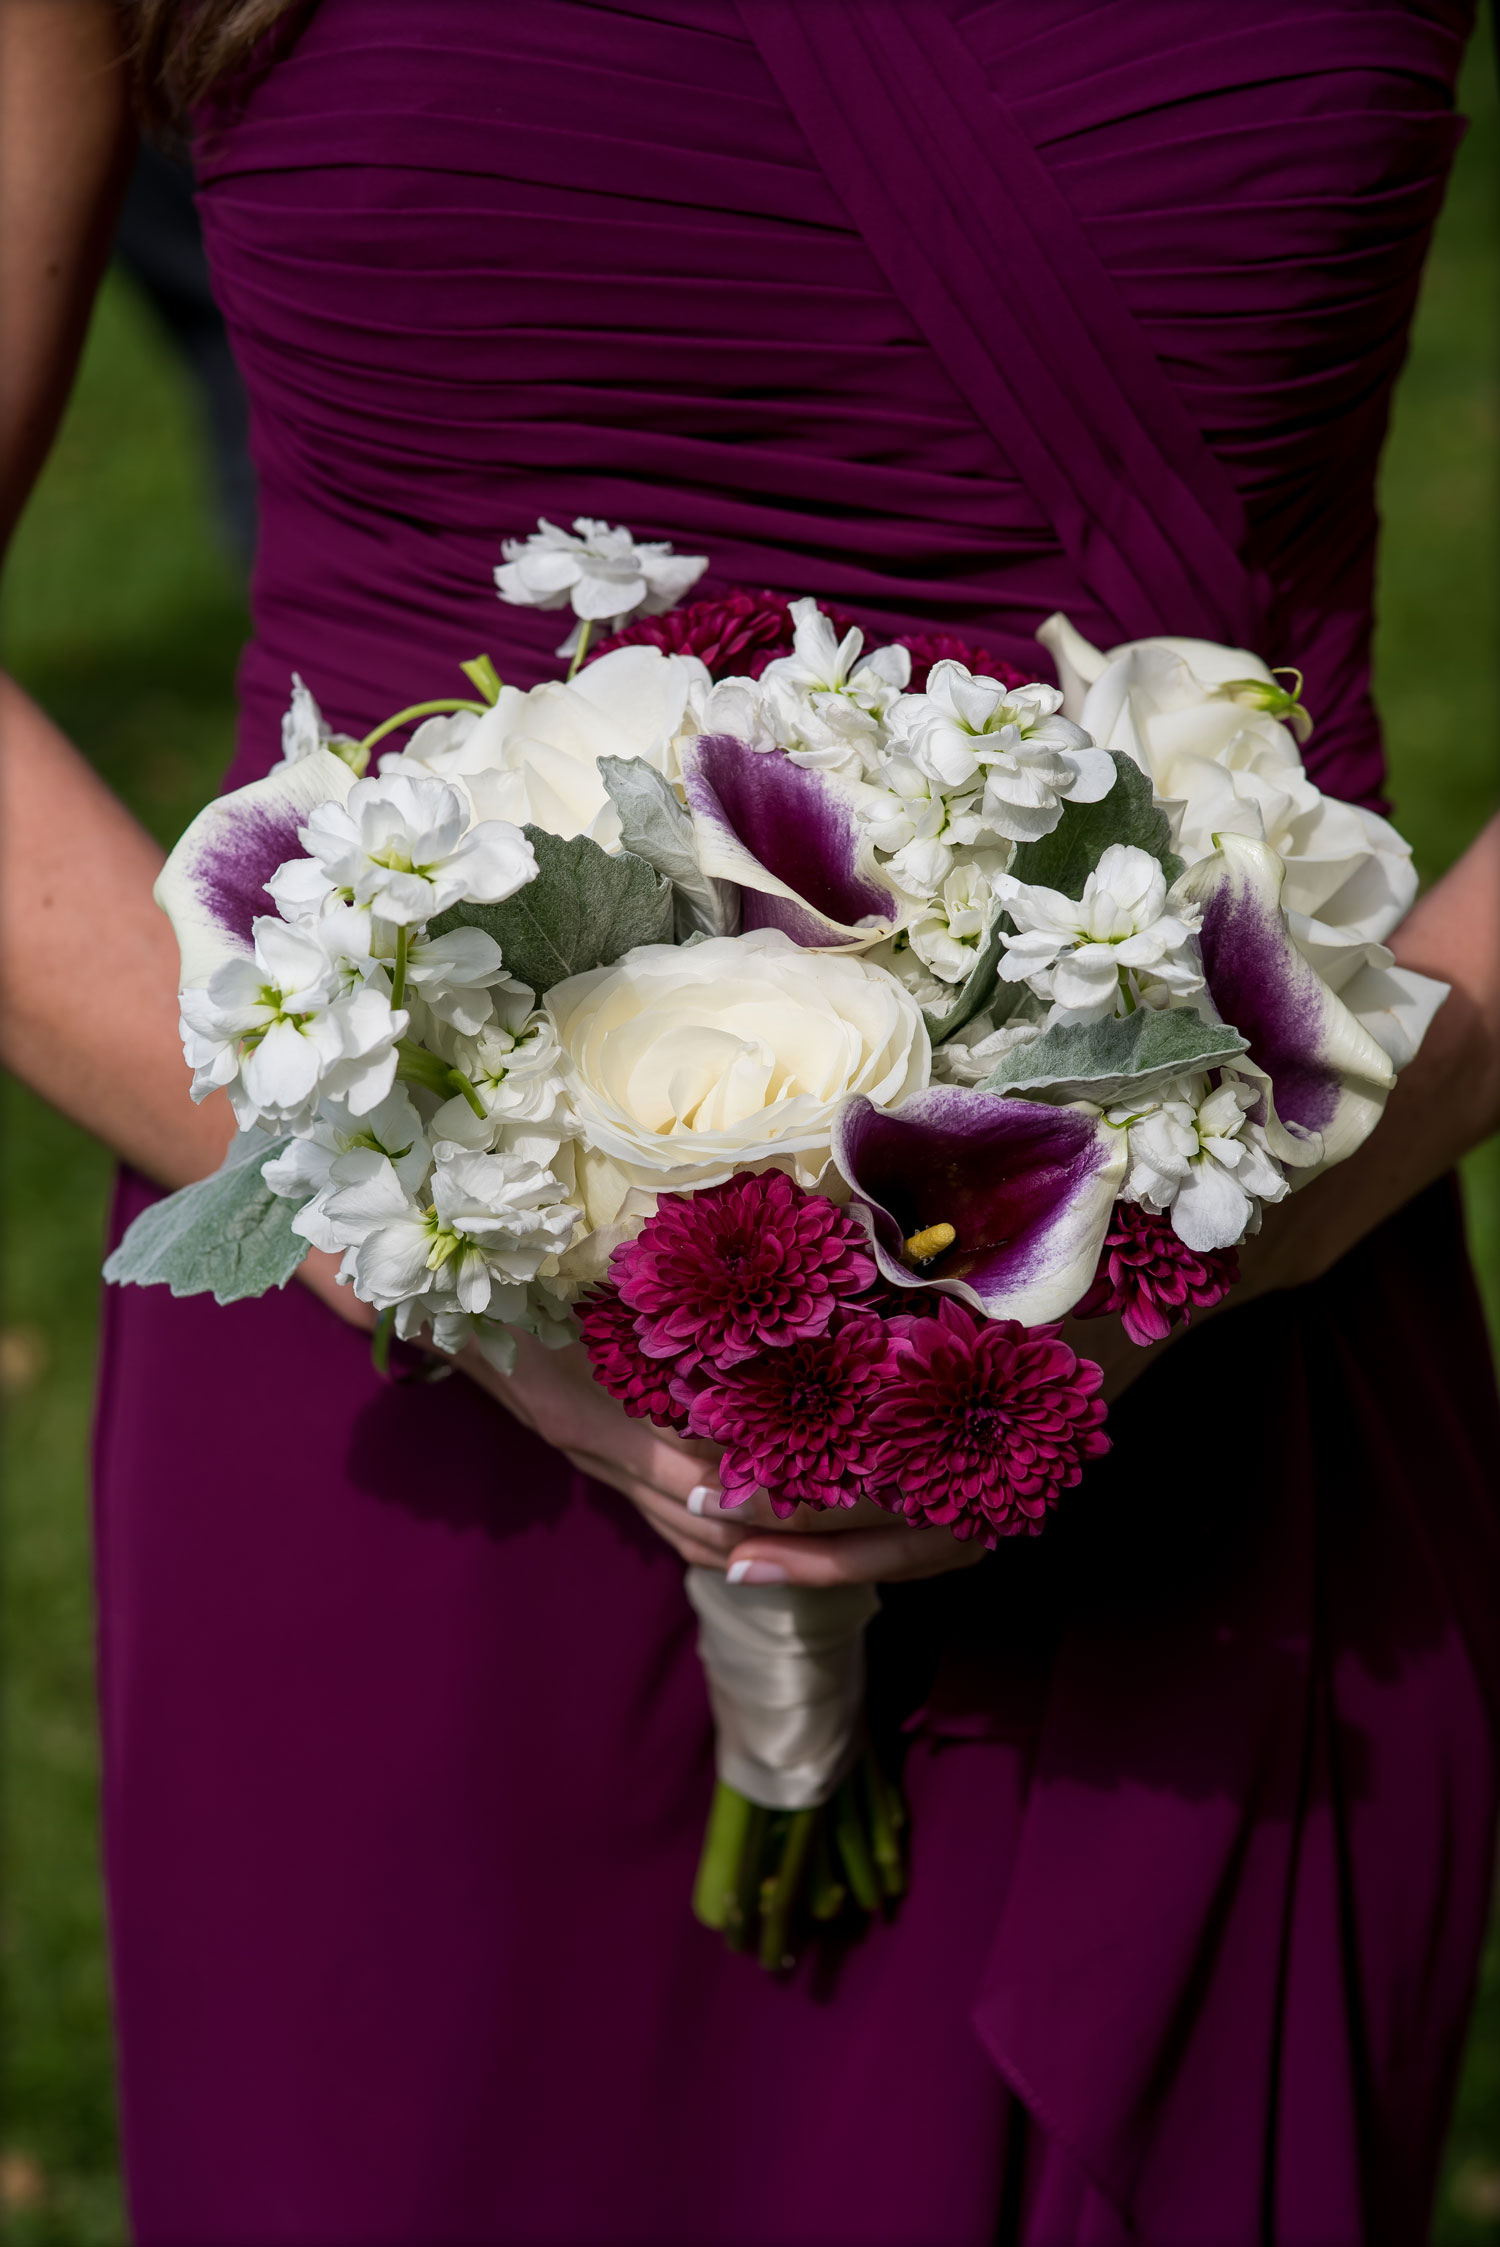 Plum floral bouquet : Nicole Chan Photography